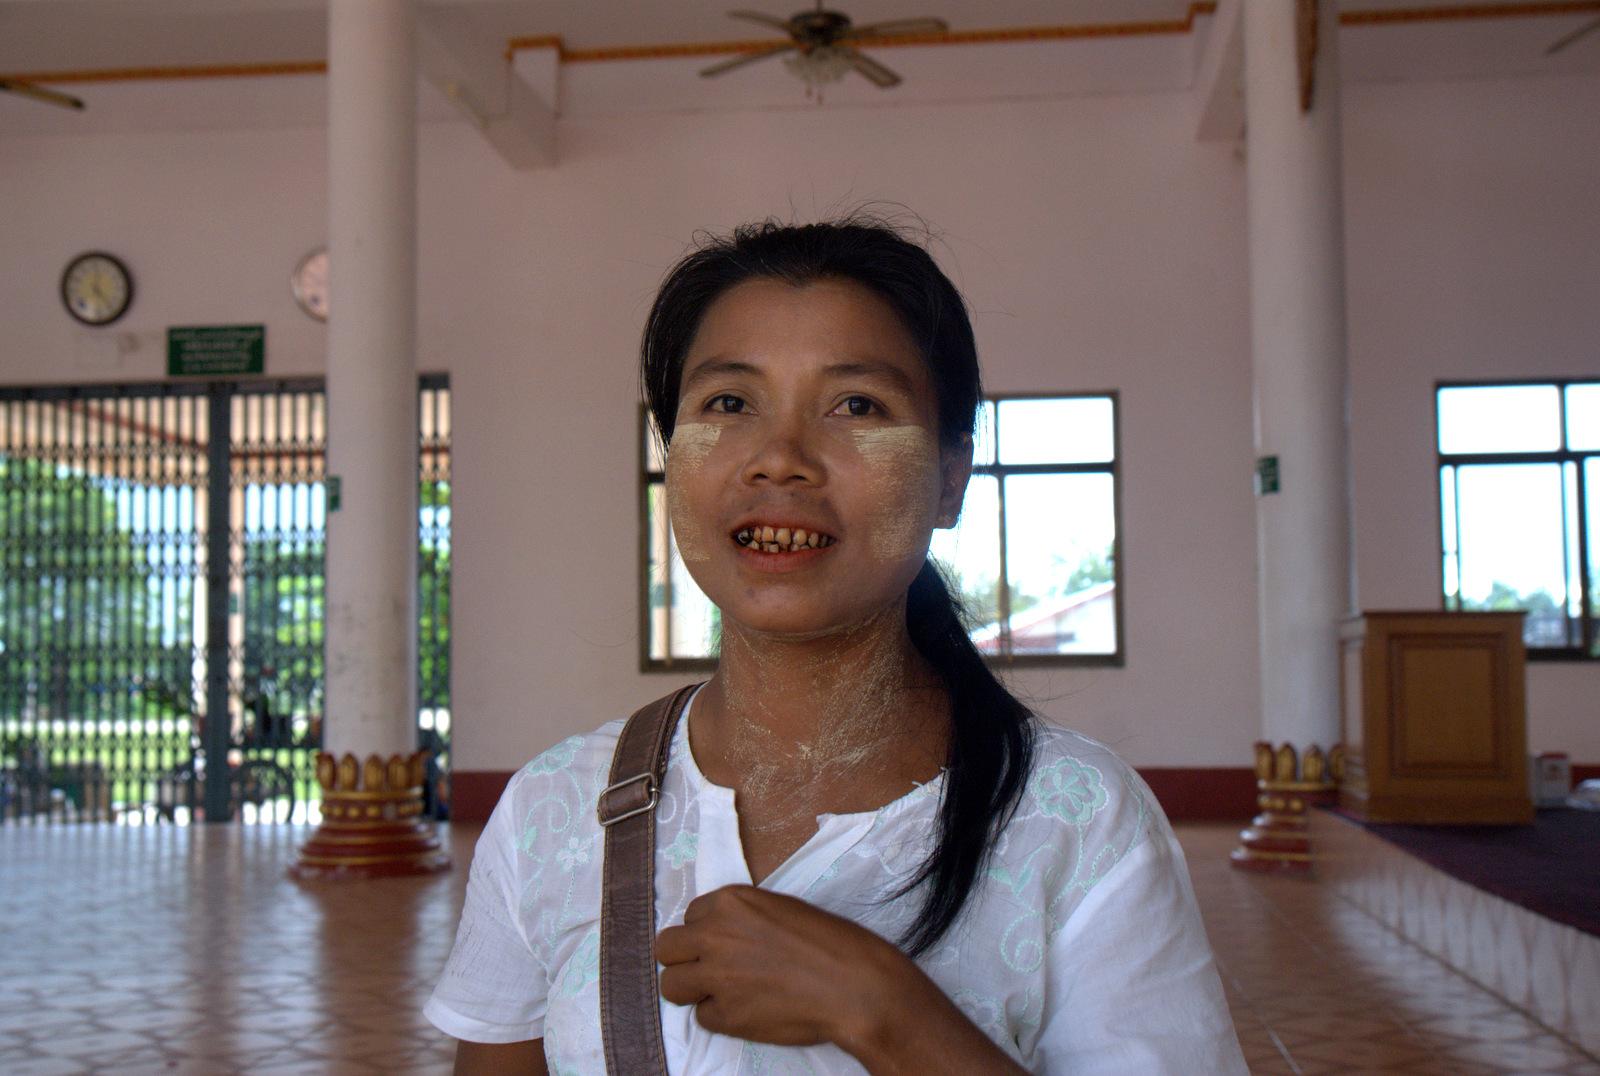 Zaliczyć Birmę, spróbować kasztanów i uciec przed powodzią 121